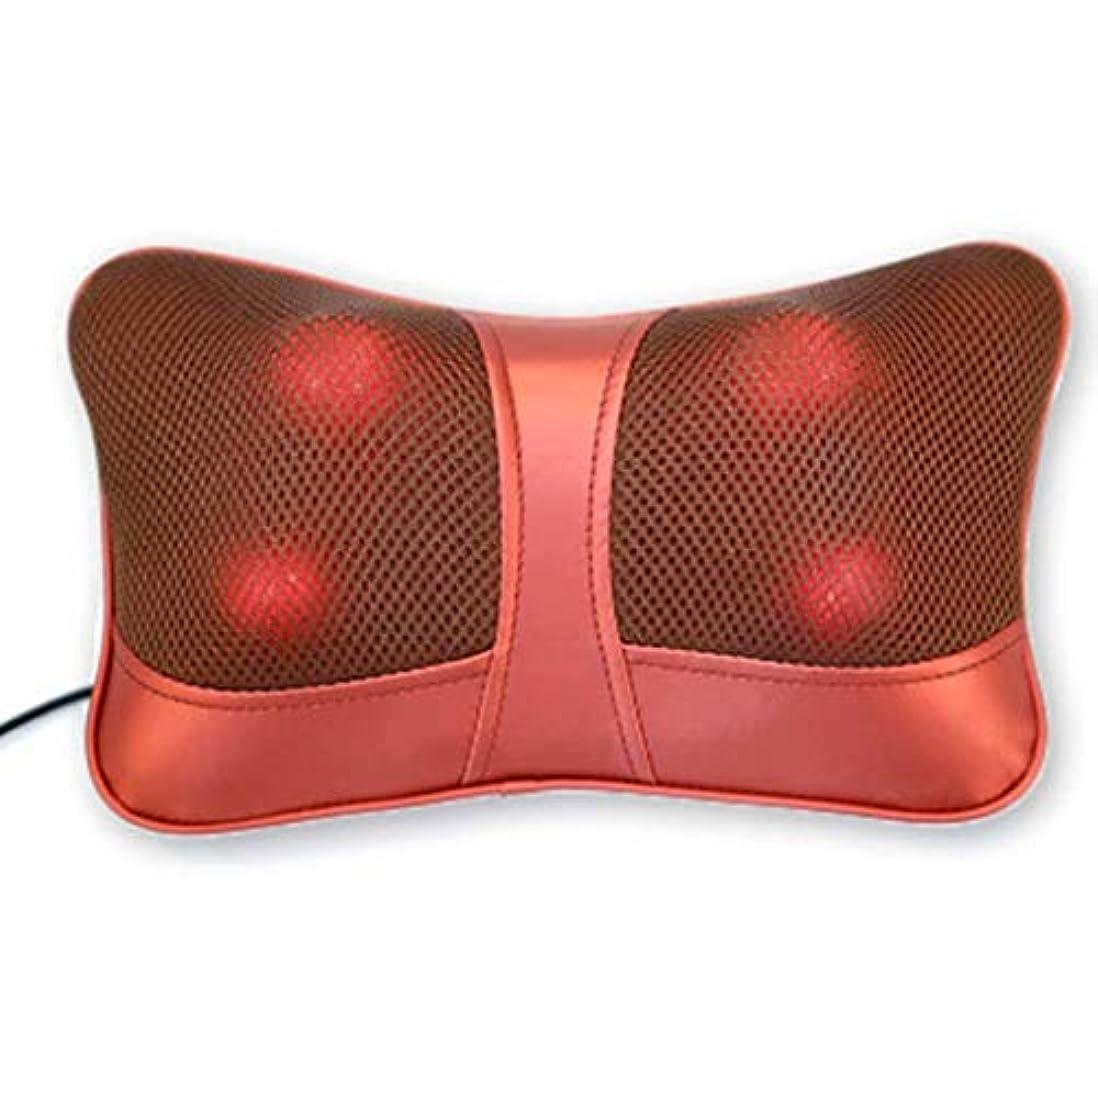 矛盾する元気なガソリンマッサージ枕、指圧首マッサージャー、3Dスクワットマッサージ枕、熱処理と暖かいハンドバッグ、首、肩と背中の疲れを和らげるのに適した